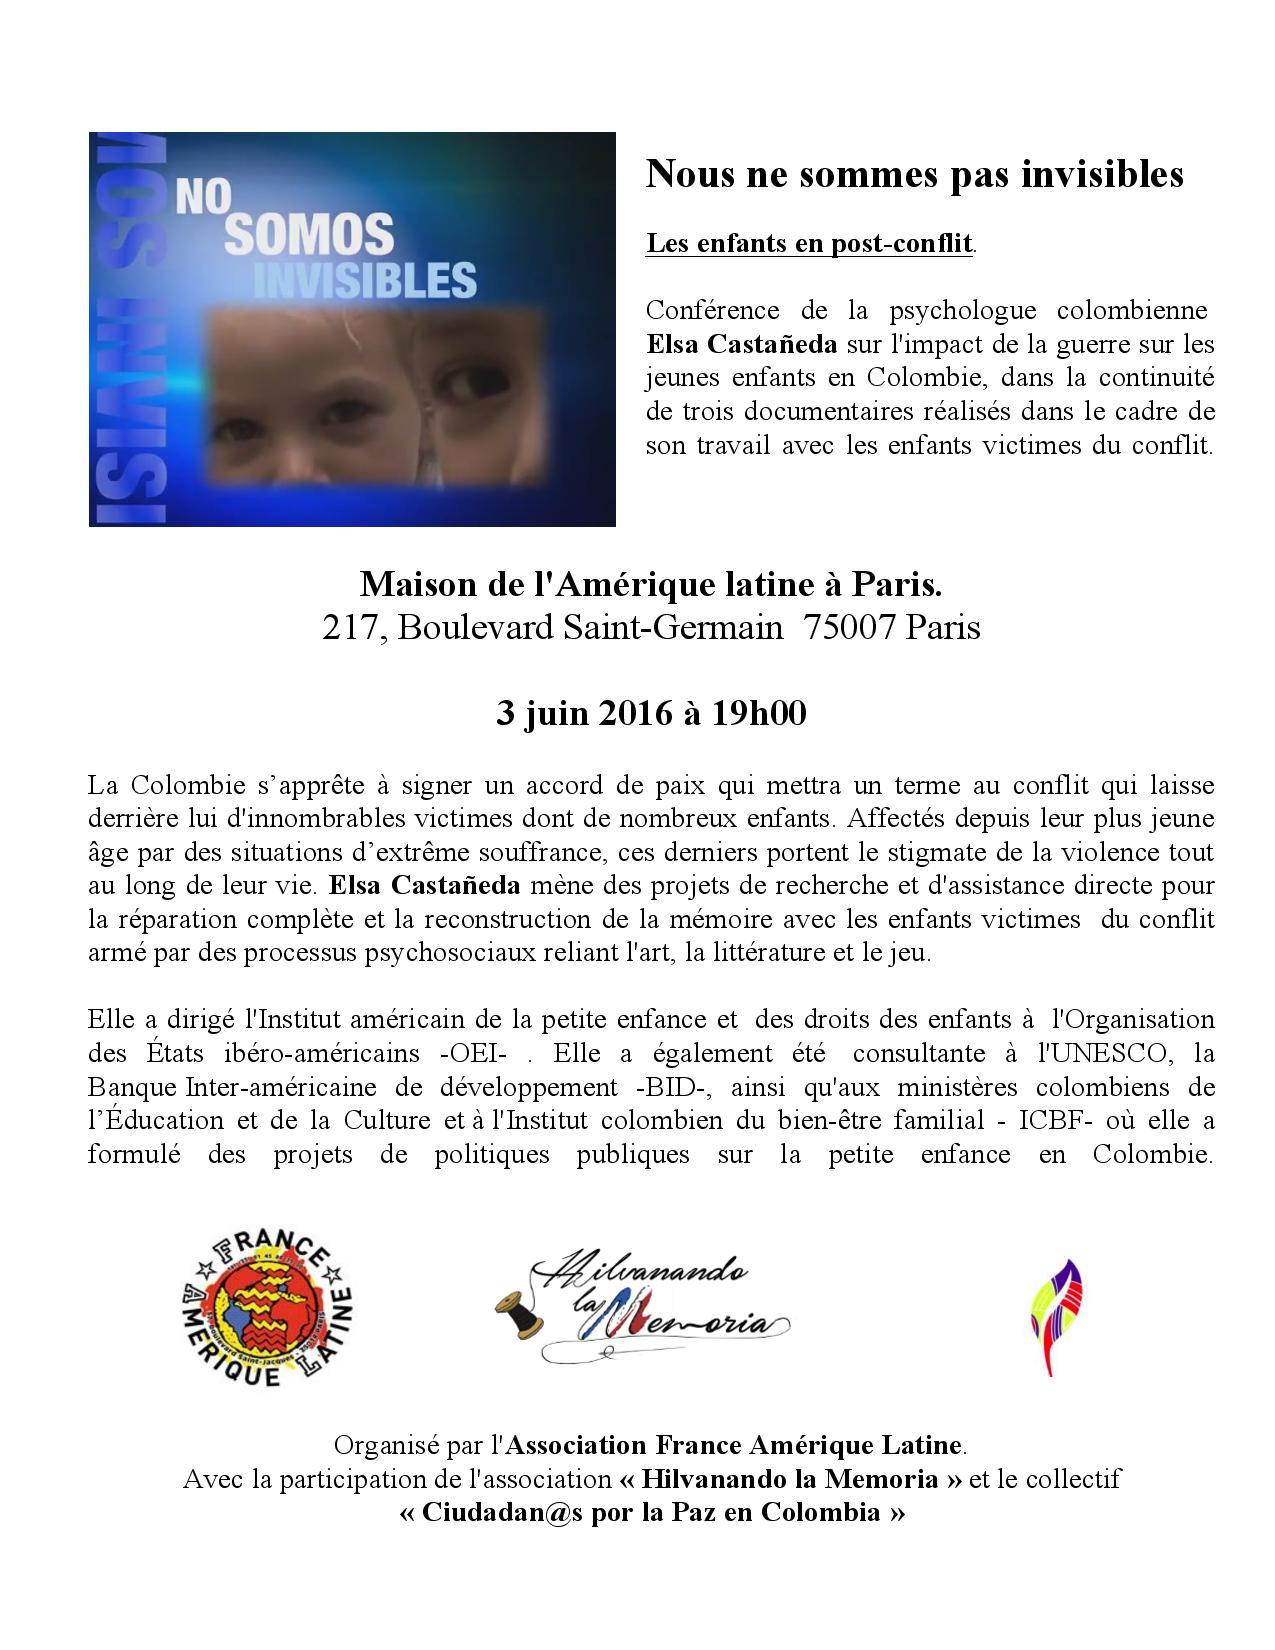 Conférence 3 juin à 19h – Les enfants en Colombie post-conflit : nous ne sommes pas invisibles